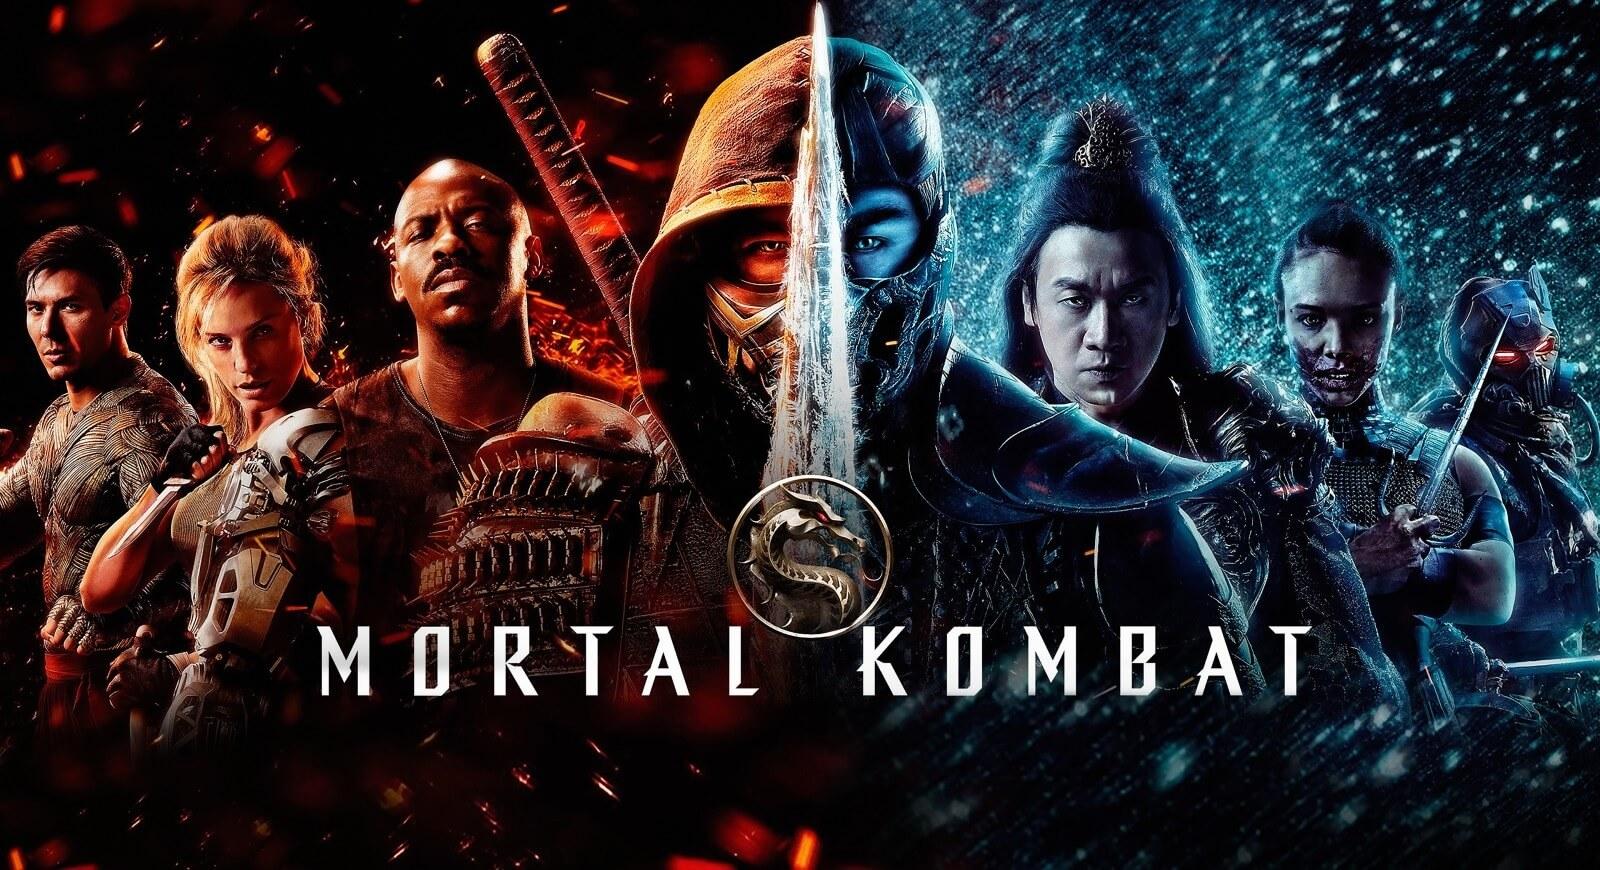 Crítica: Película de Mortal Kombat (2021)